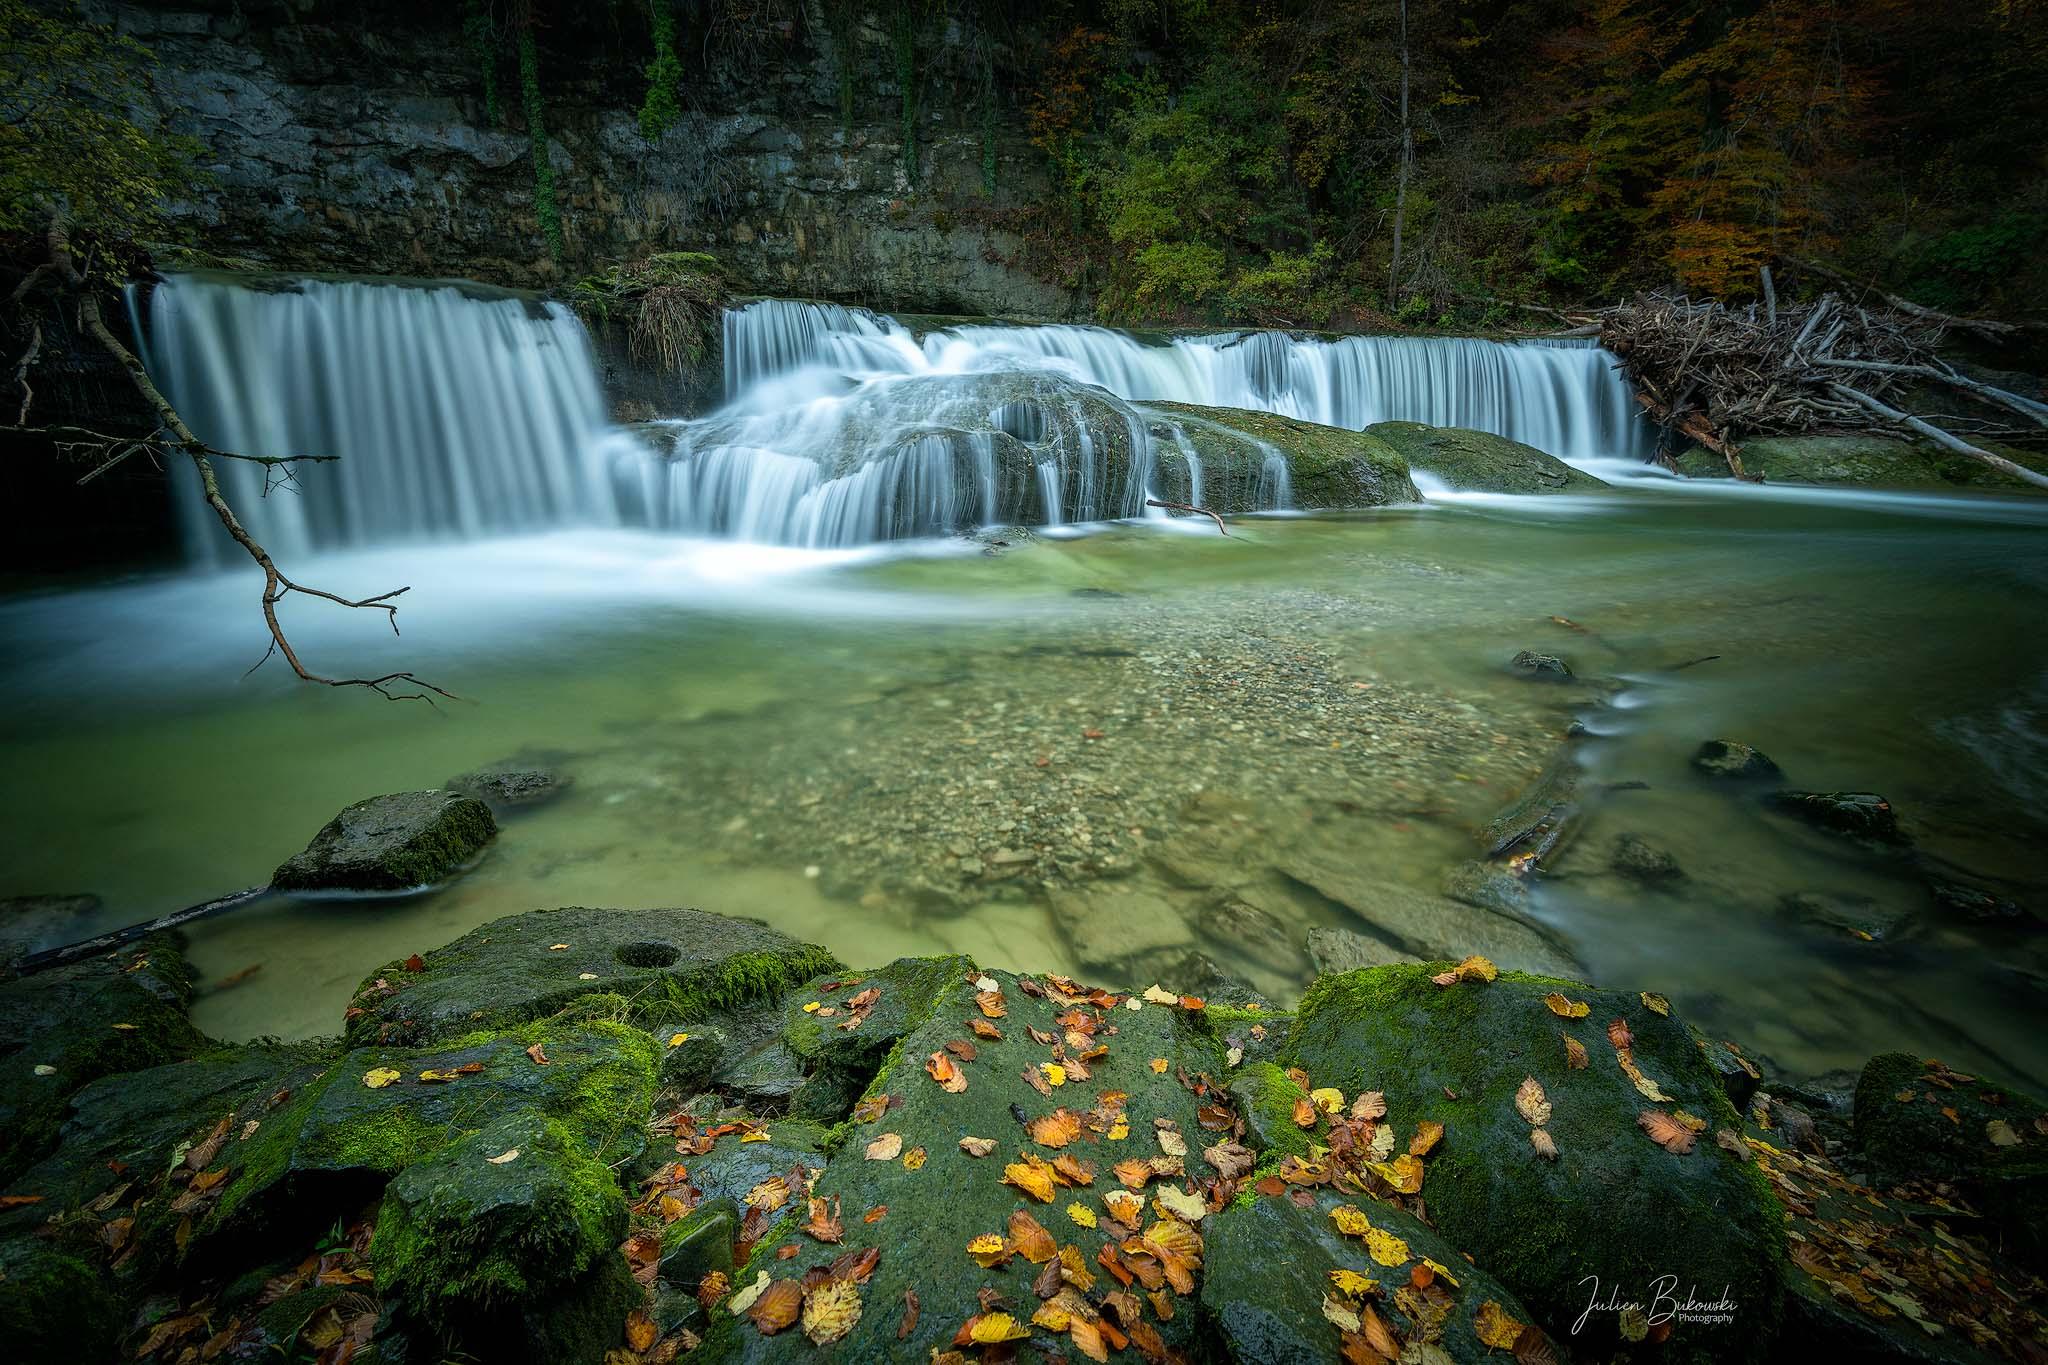 Chute-Chavanettes-Fribourg-effet filé-cascade-eau-Suisse-chute d'eau-pose longue-mousse-filtre ND-filtre NISI-Broye-Bukowski